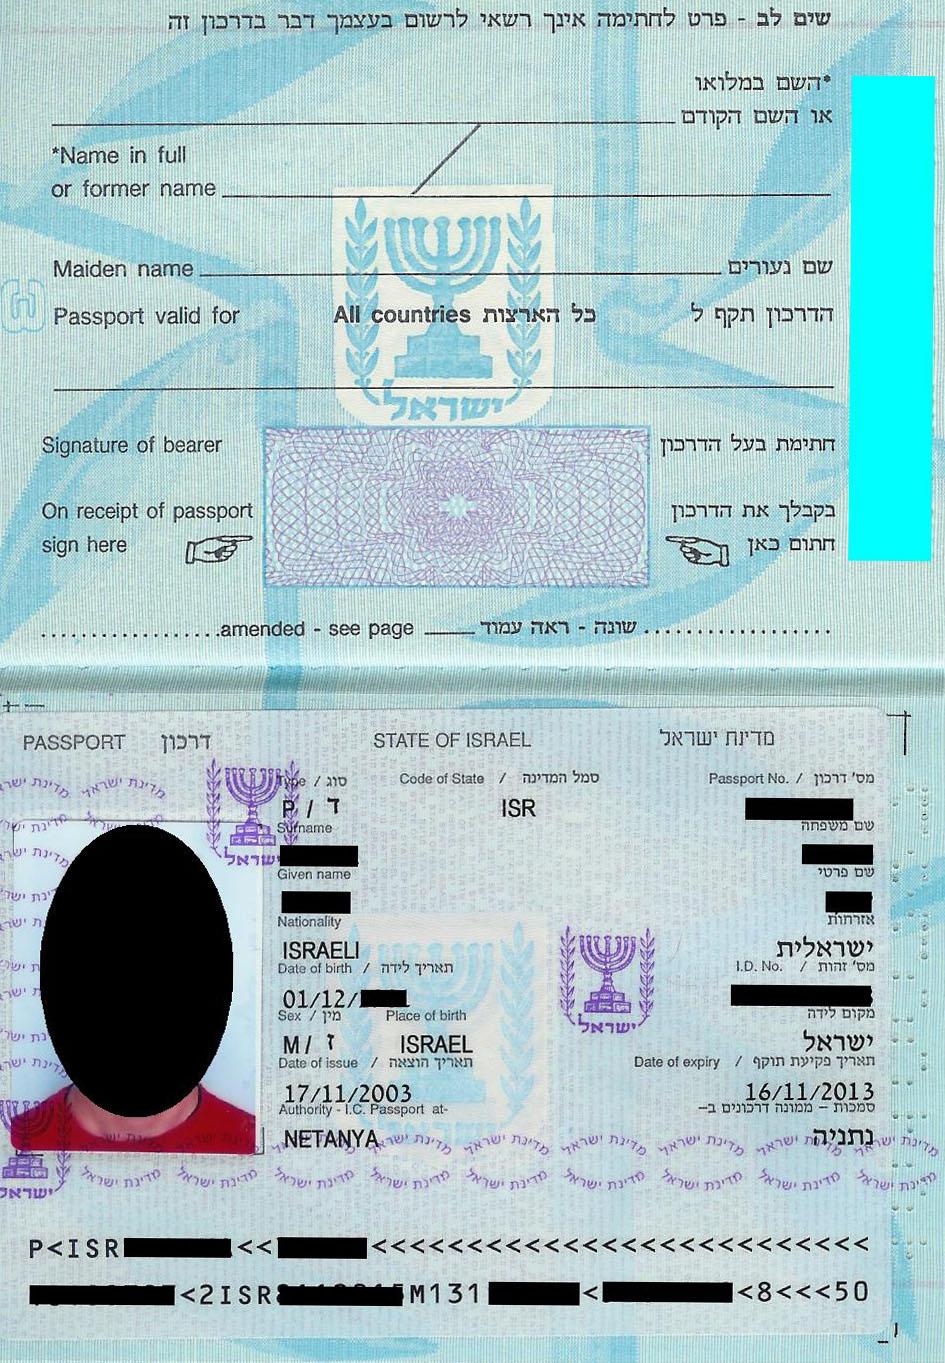 куда подавать документы на израильское гражданство разведение кроликов